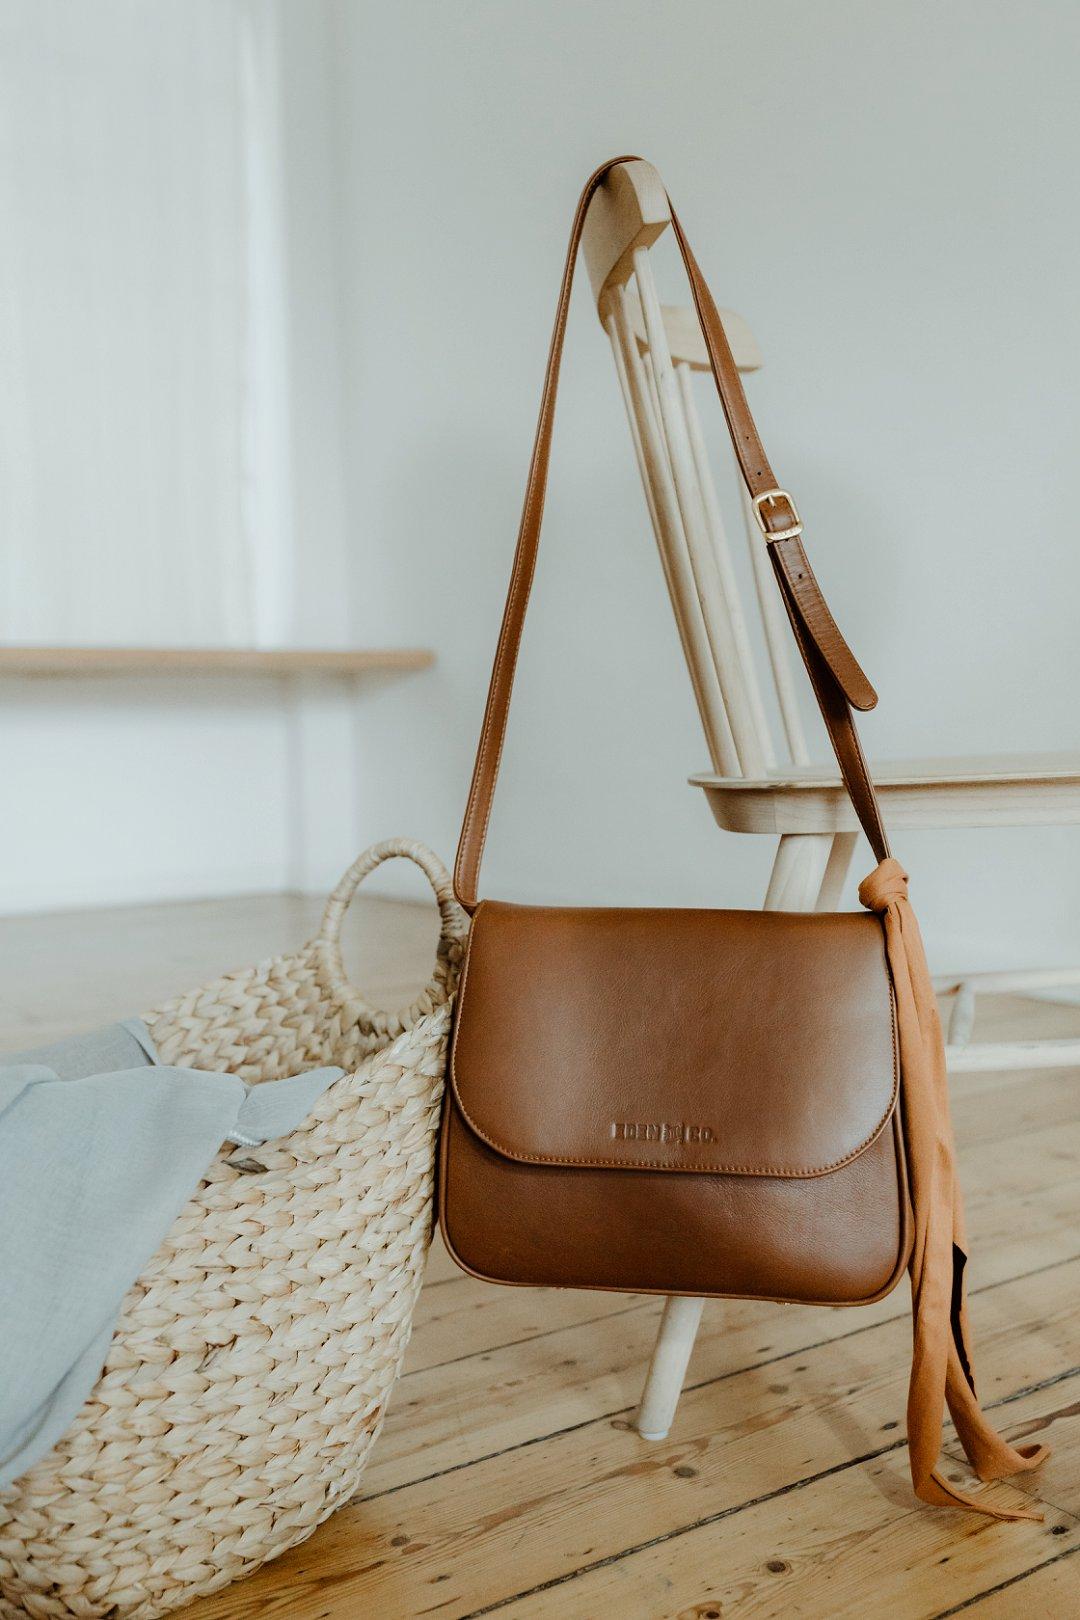 Luxury Leather Goods & Jewellery